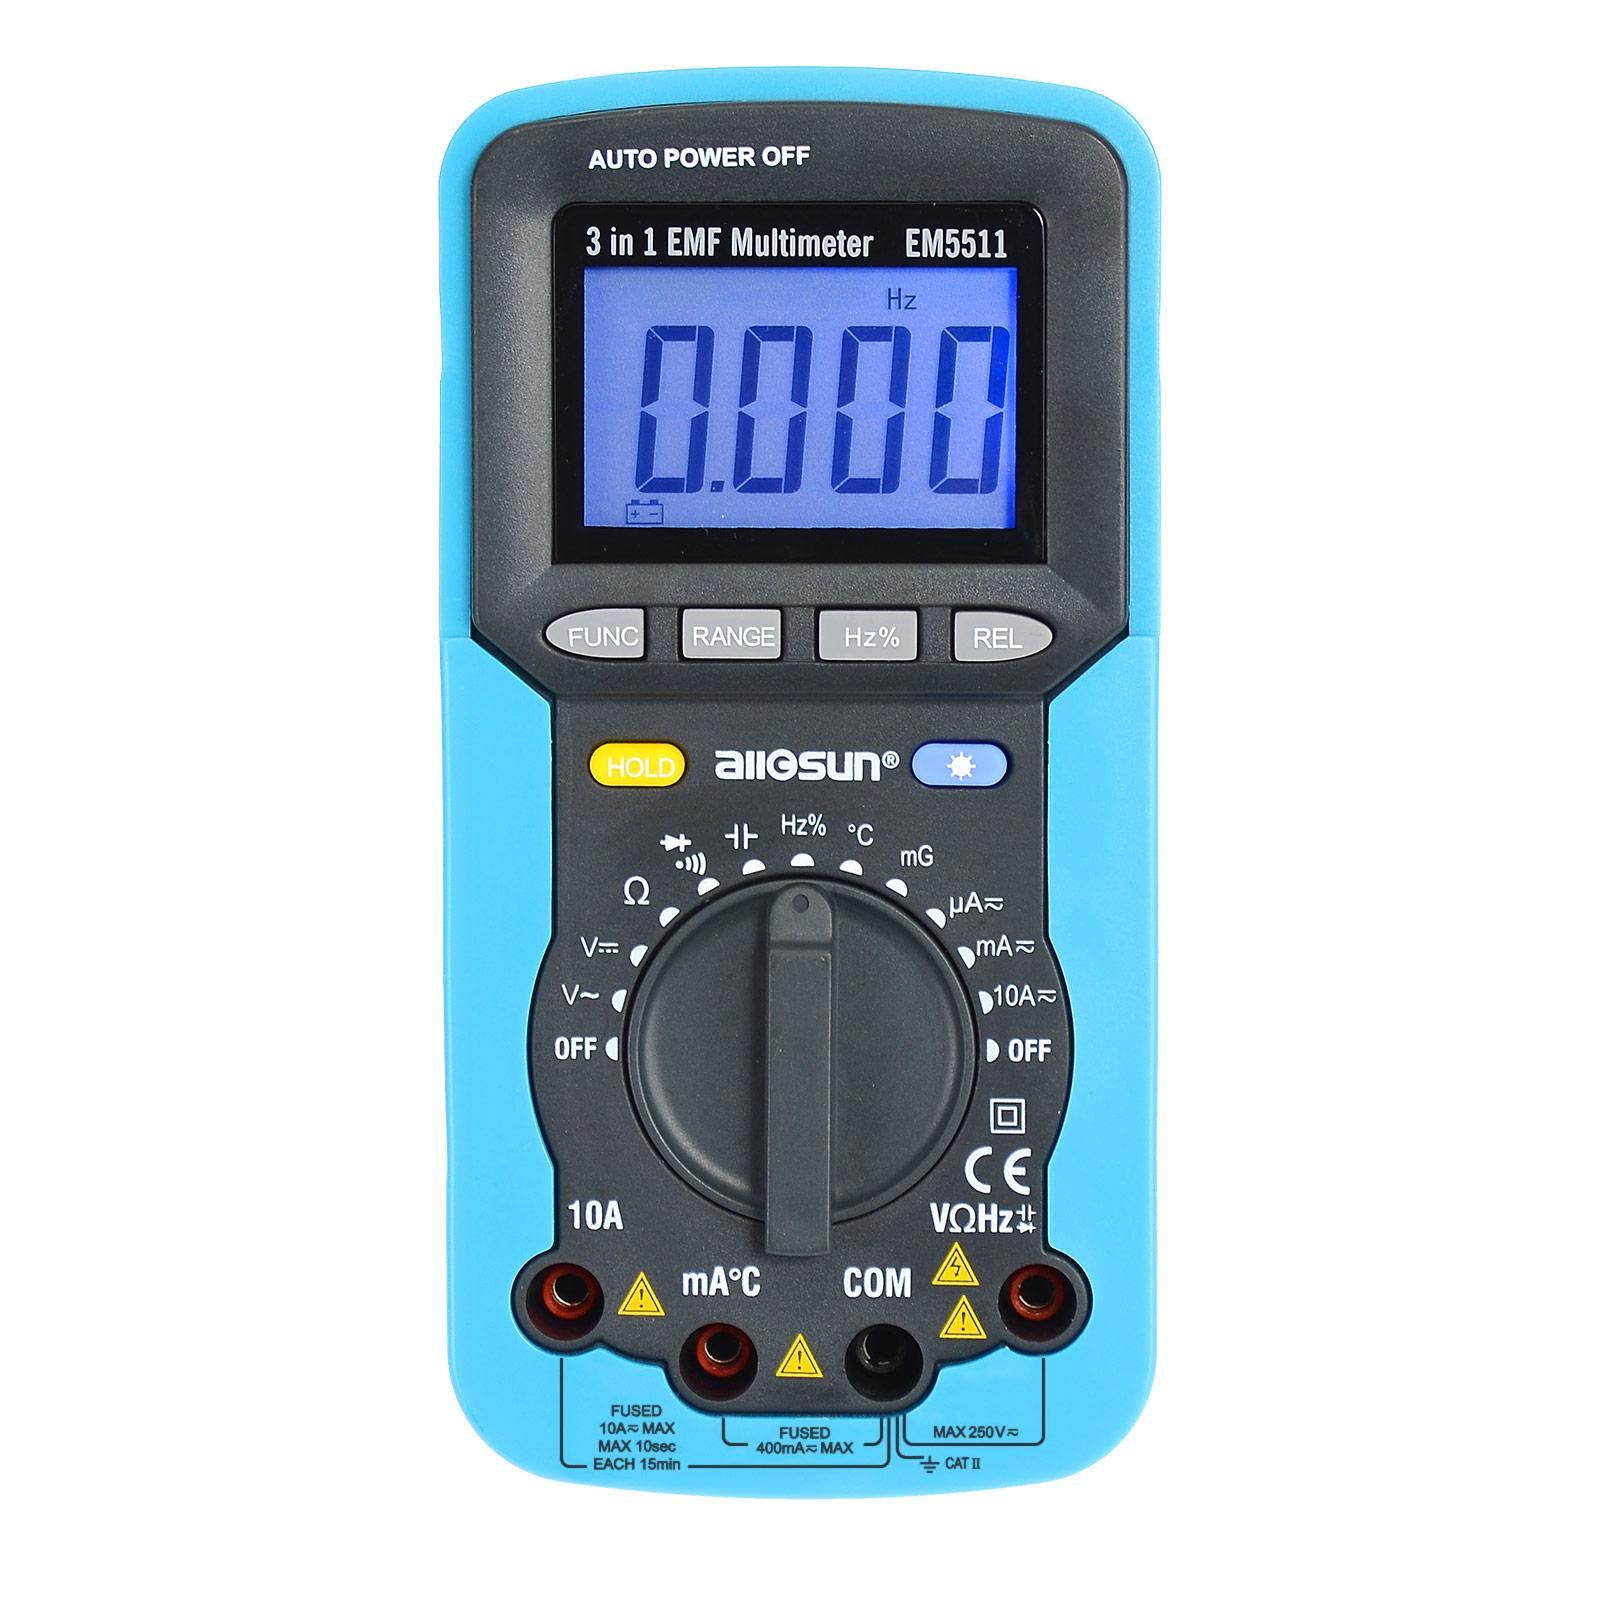 자리 자동 범위 멀티 미터 핸드 헬드 자기장 방사선 검출기 EMF 필드 방사선 테스터 민감한 온도 테스터 모든 일 EM5511